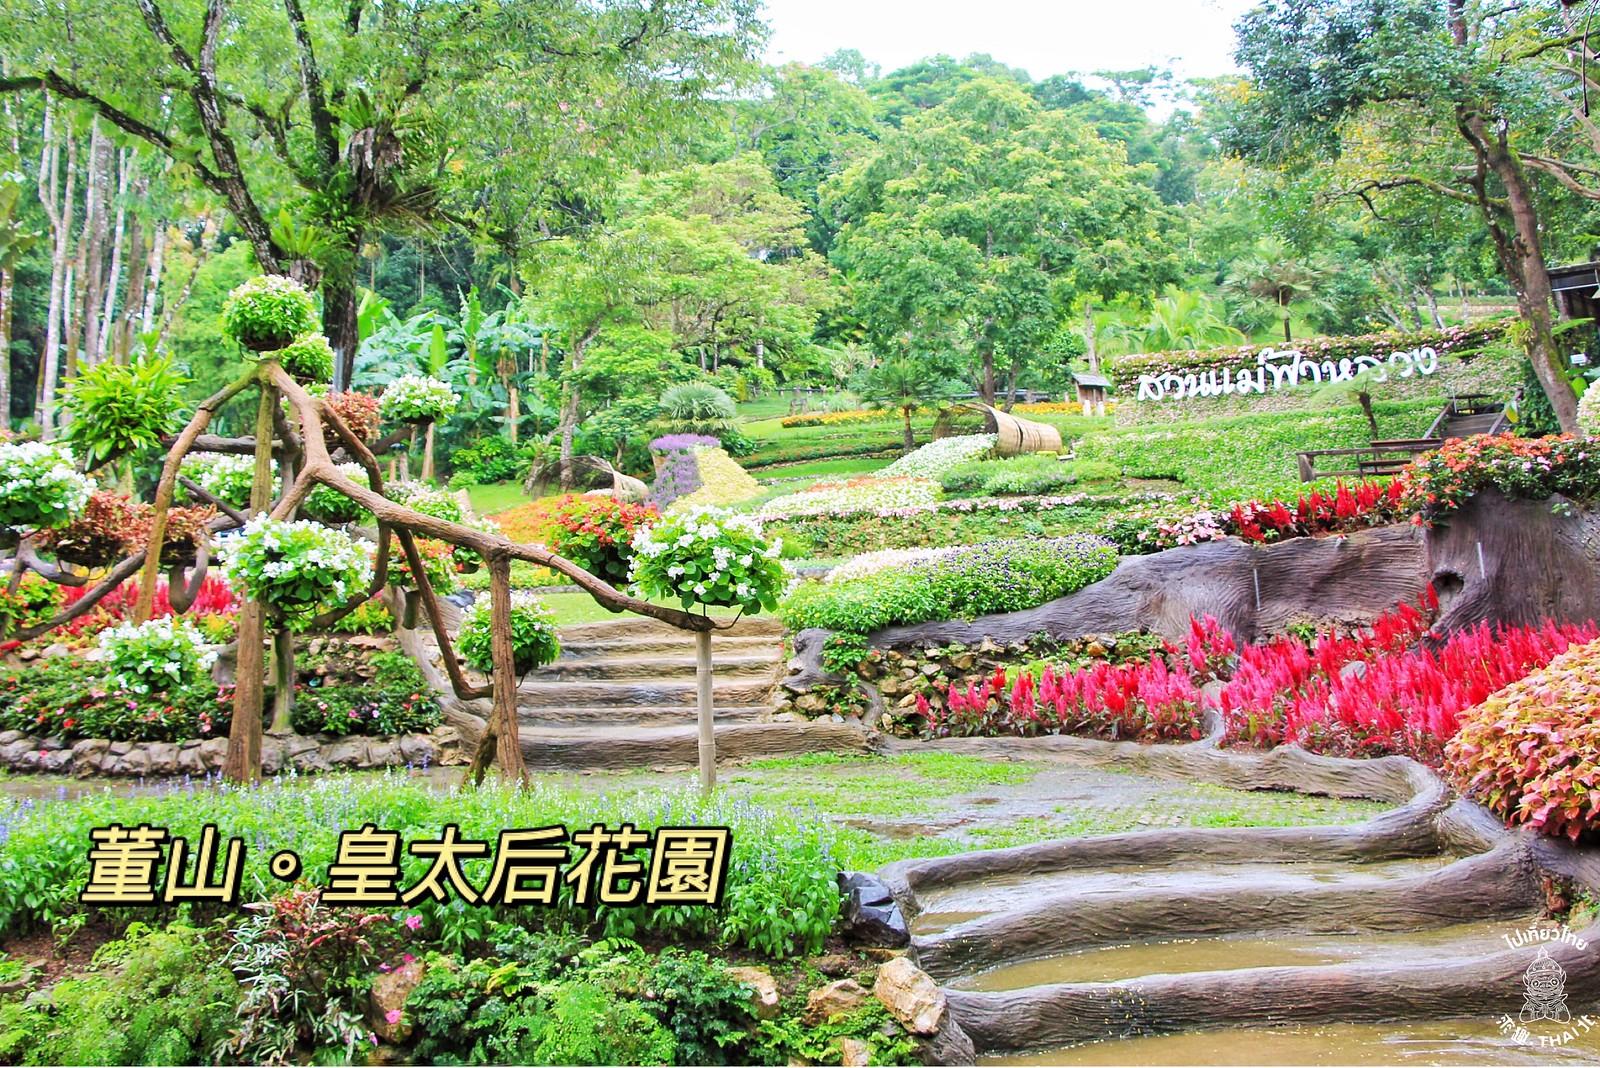 清萊.董山《皇太后花園 สวนรุกขชาติแม่ฟ้าหลวง 》